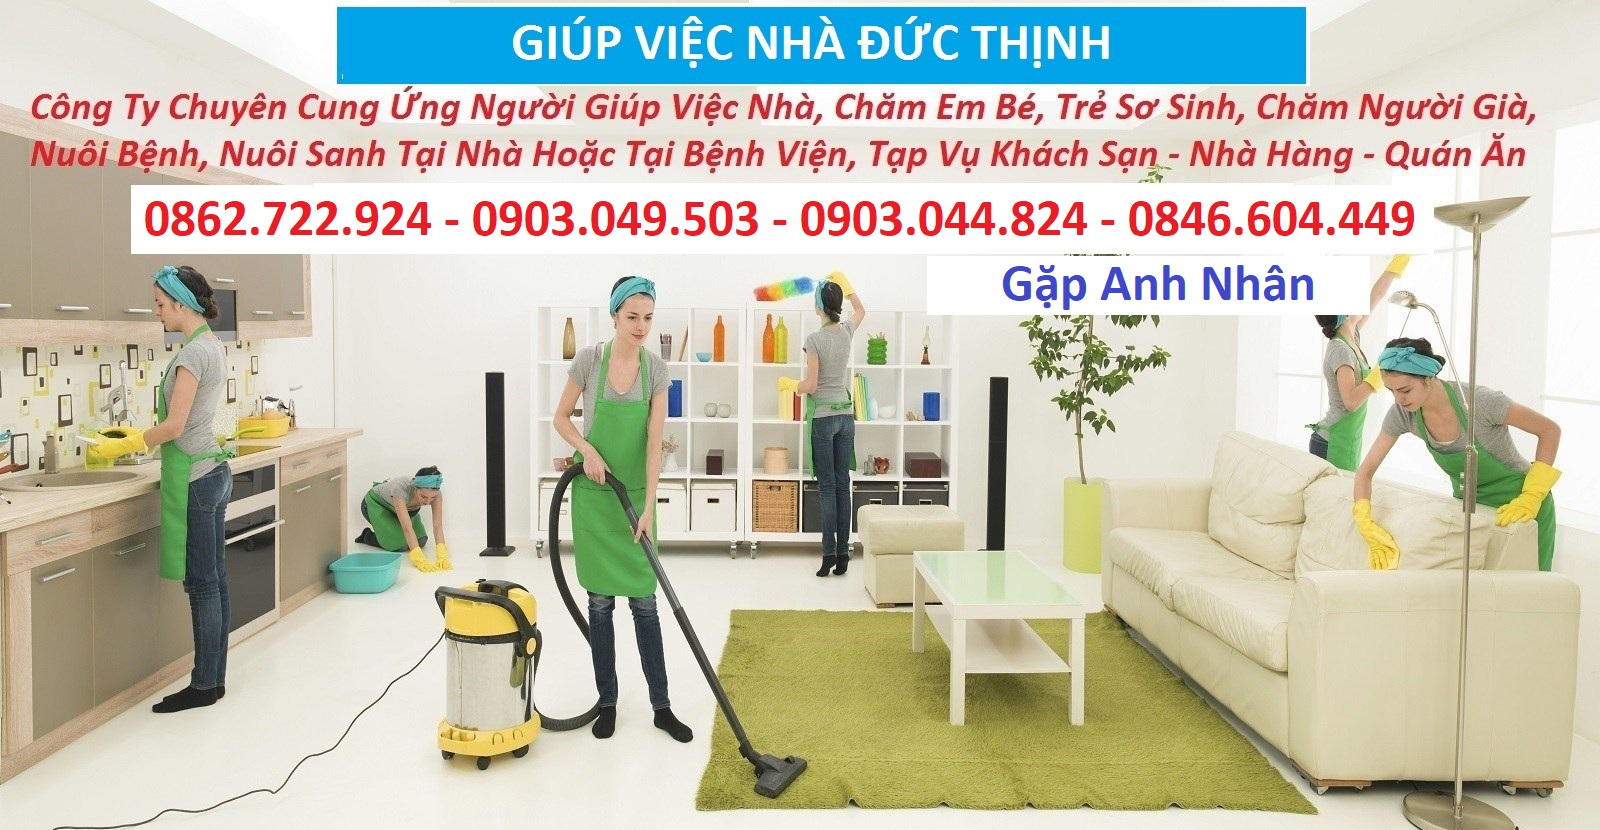 giup-viec-nha-duc-thinh